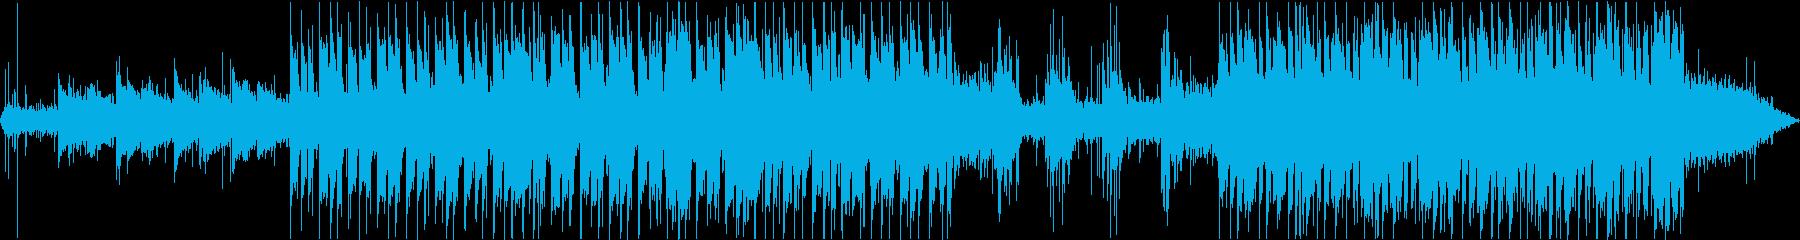 エレピと女性の声・チルでLoFiなビートの再生済みの波形